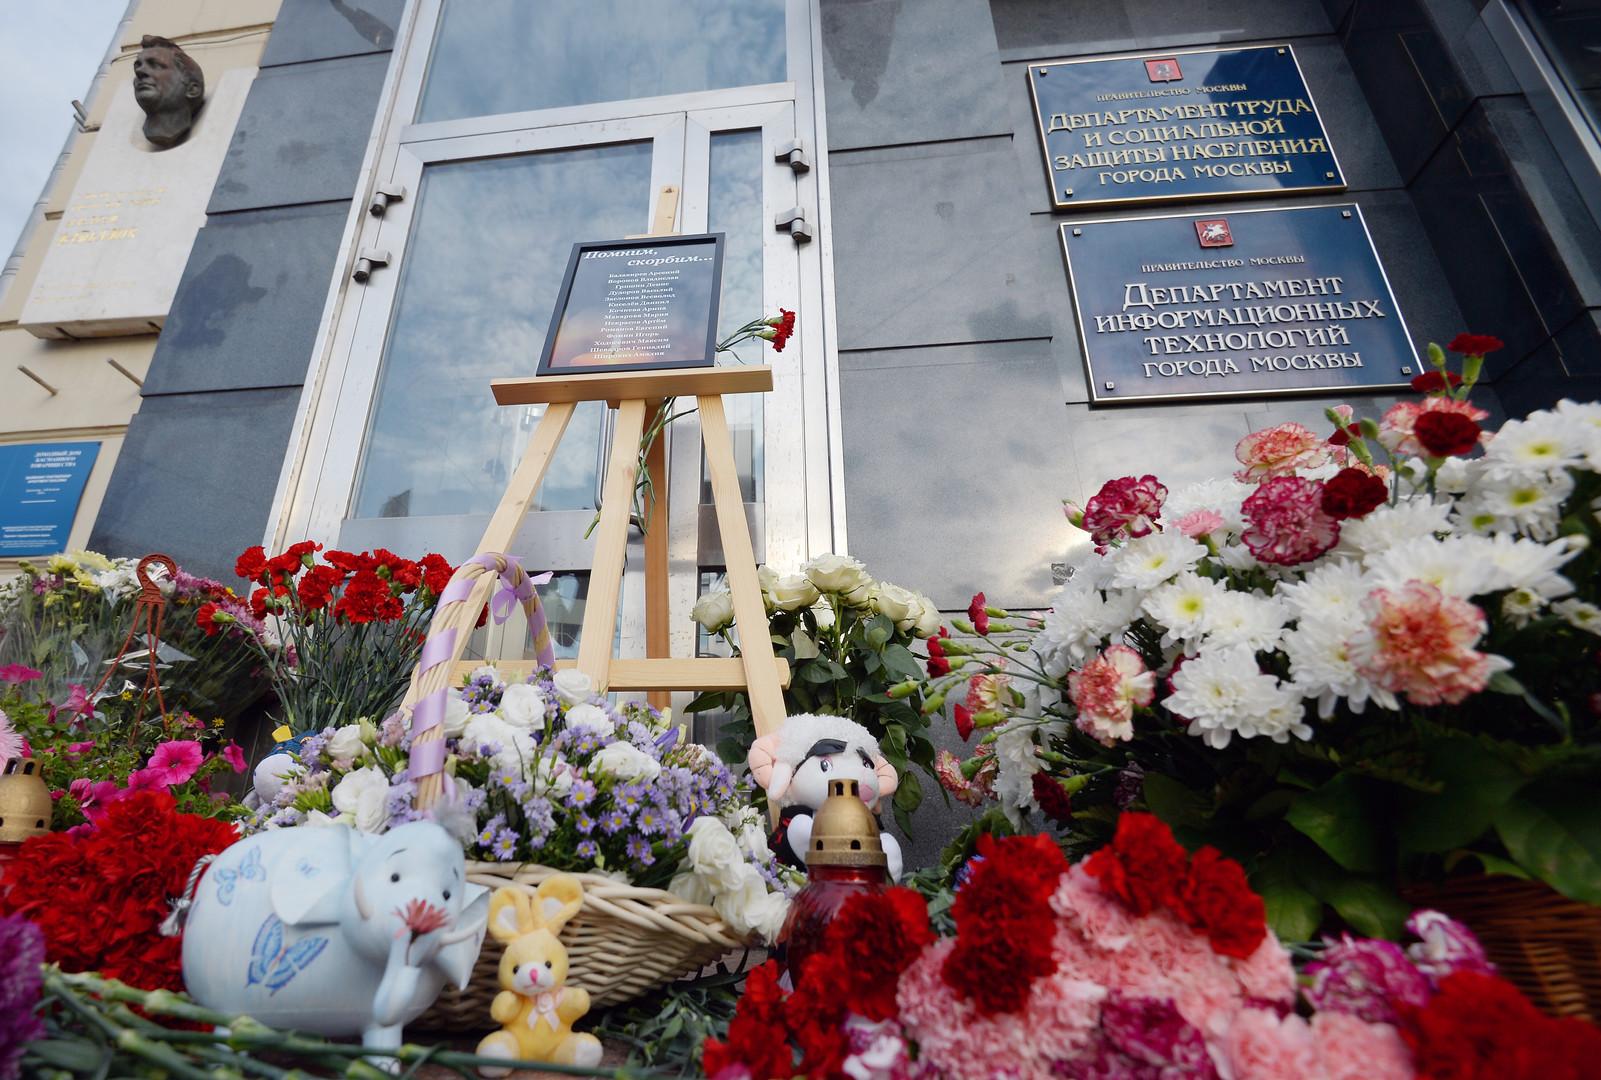 Elle reçoit un appel de détresse, mais l'ignore : 16 enfants tués dans le nord de la Russie